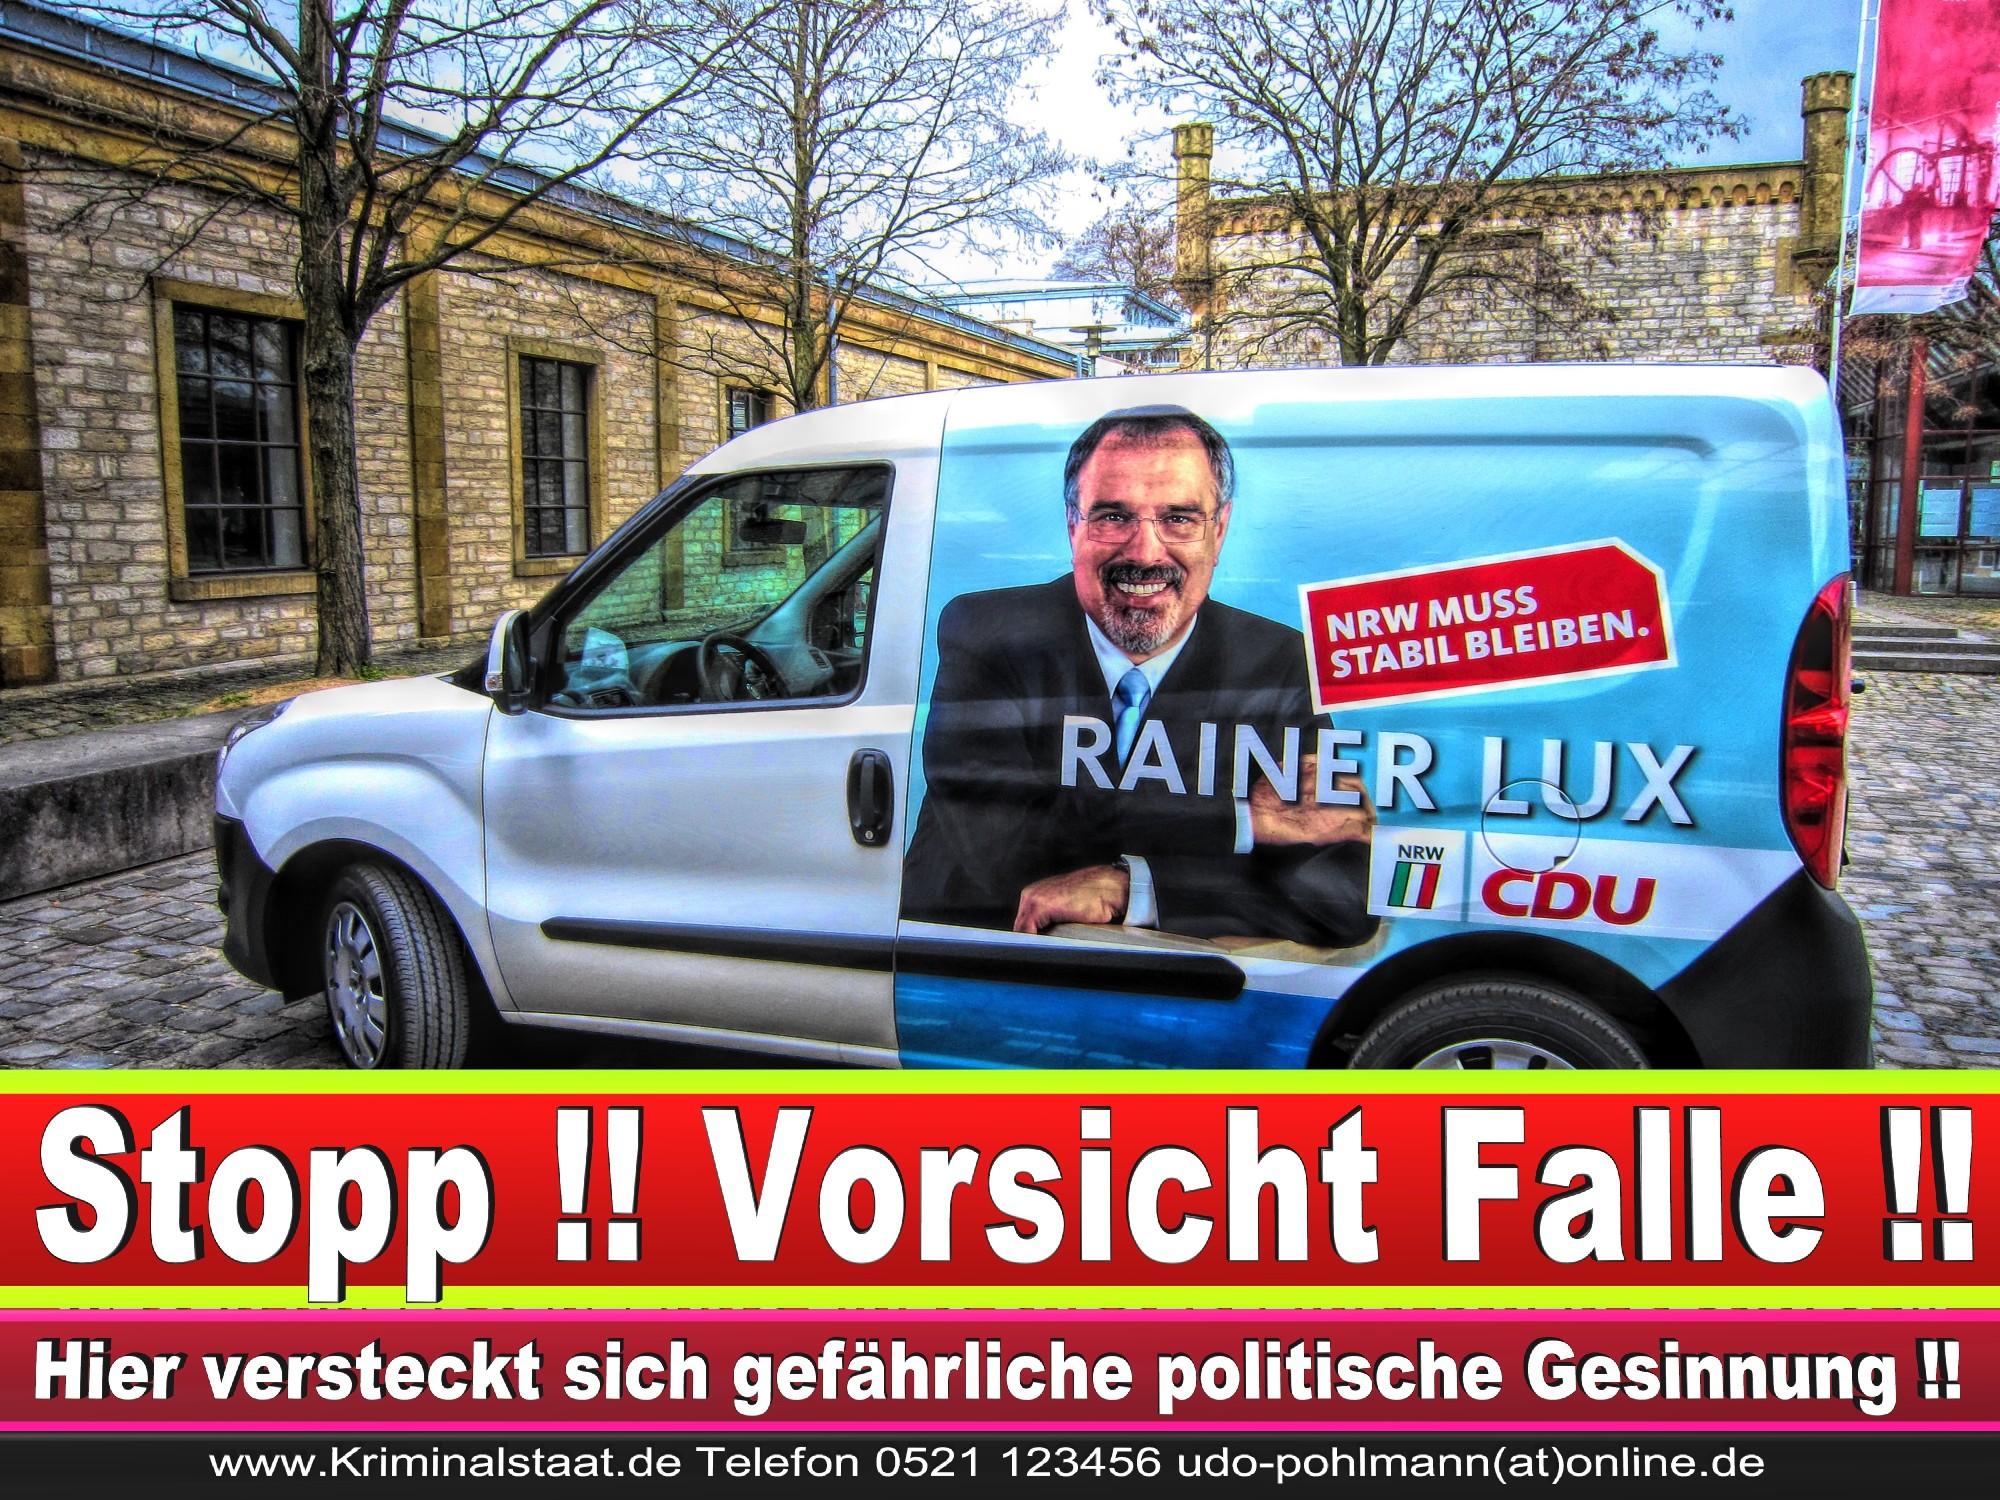 Wahlwerbung Wahlplakate Landtagswahl 2019 Europawahl CDU SPD FDP 2021 (7)